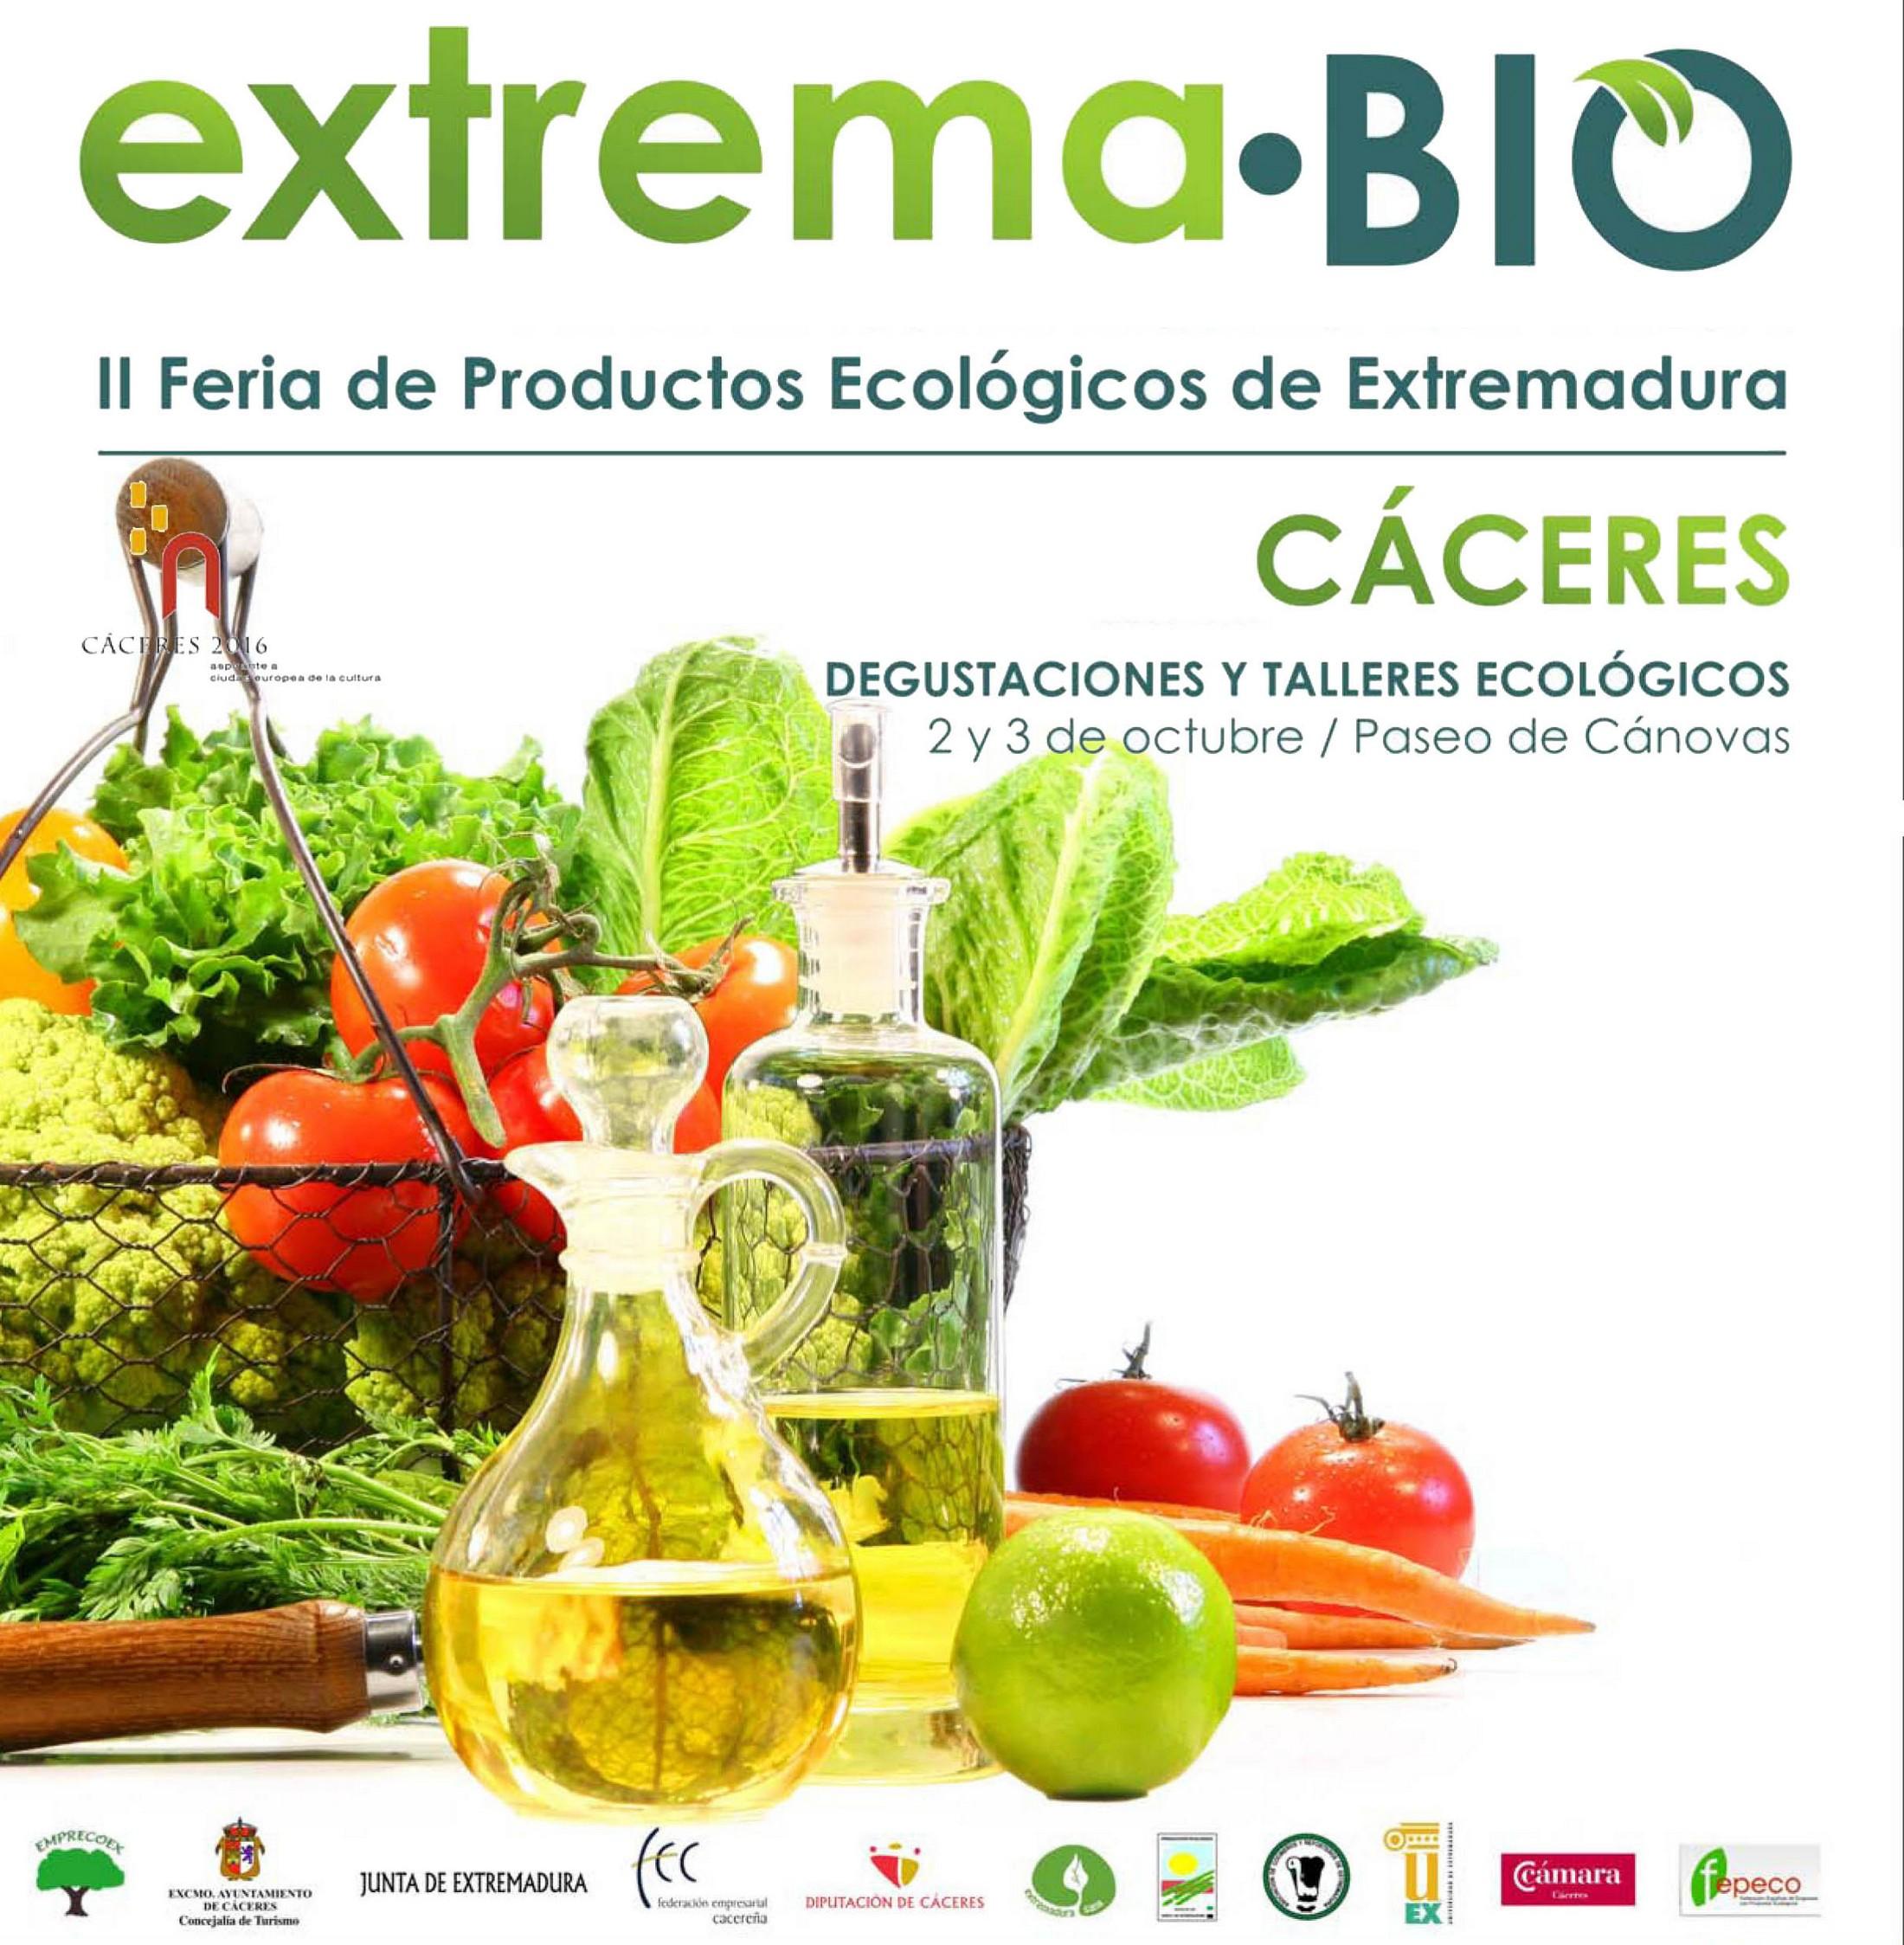 """Feria de Productos Ecológicos de Extremadura """"Extrema-Bio 2010"""""""